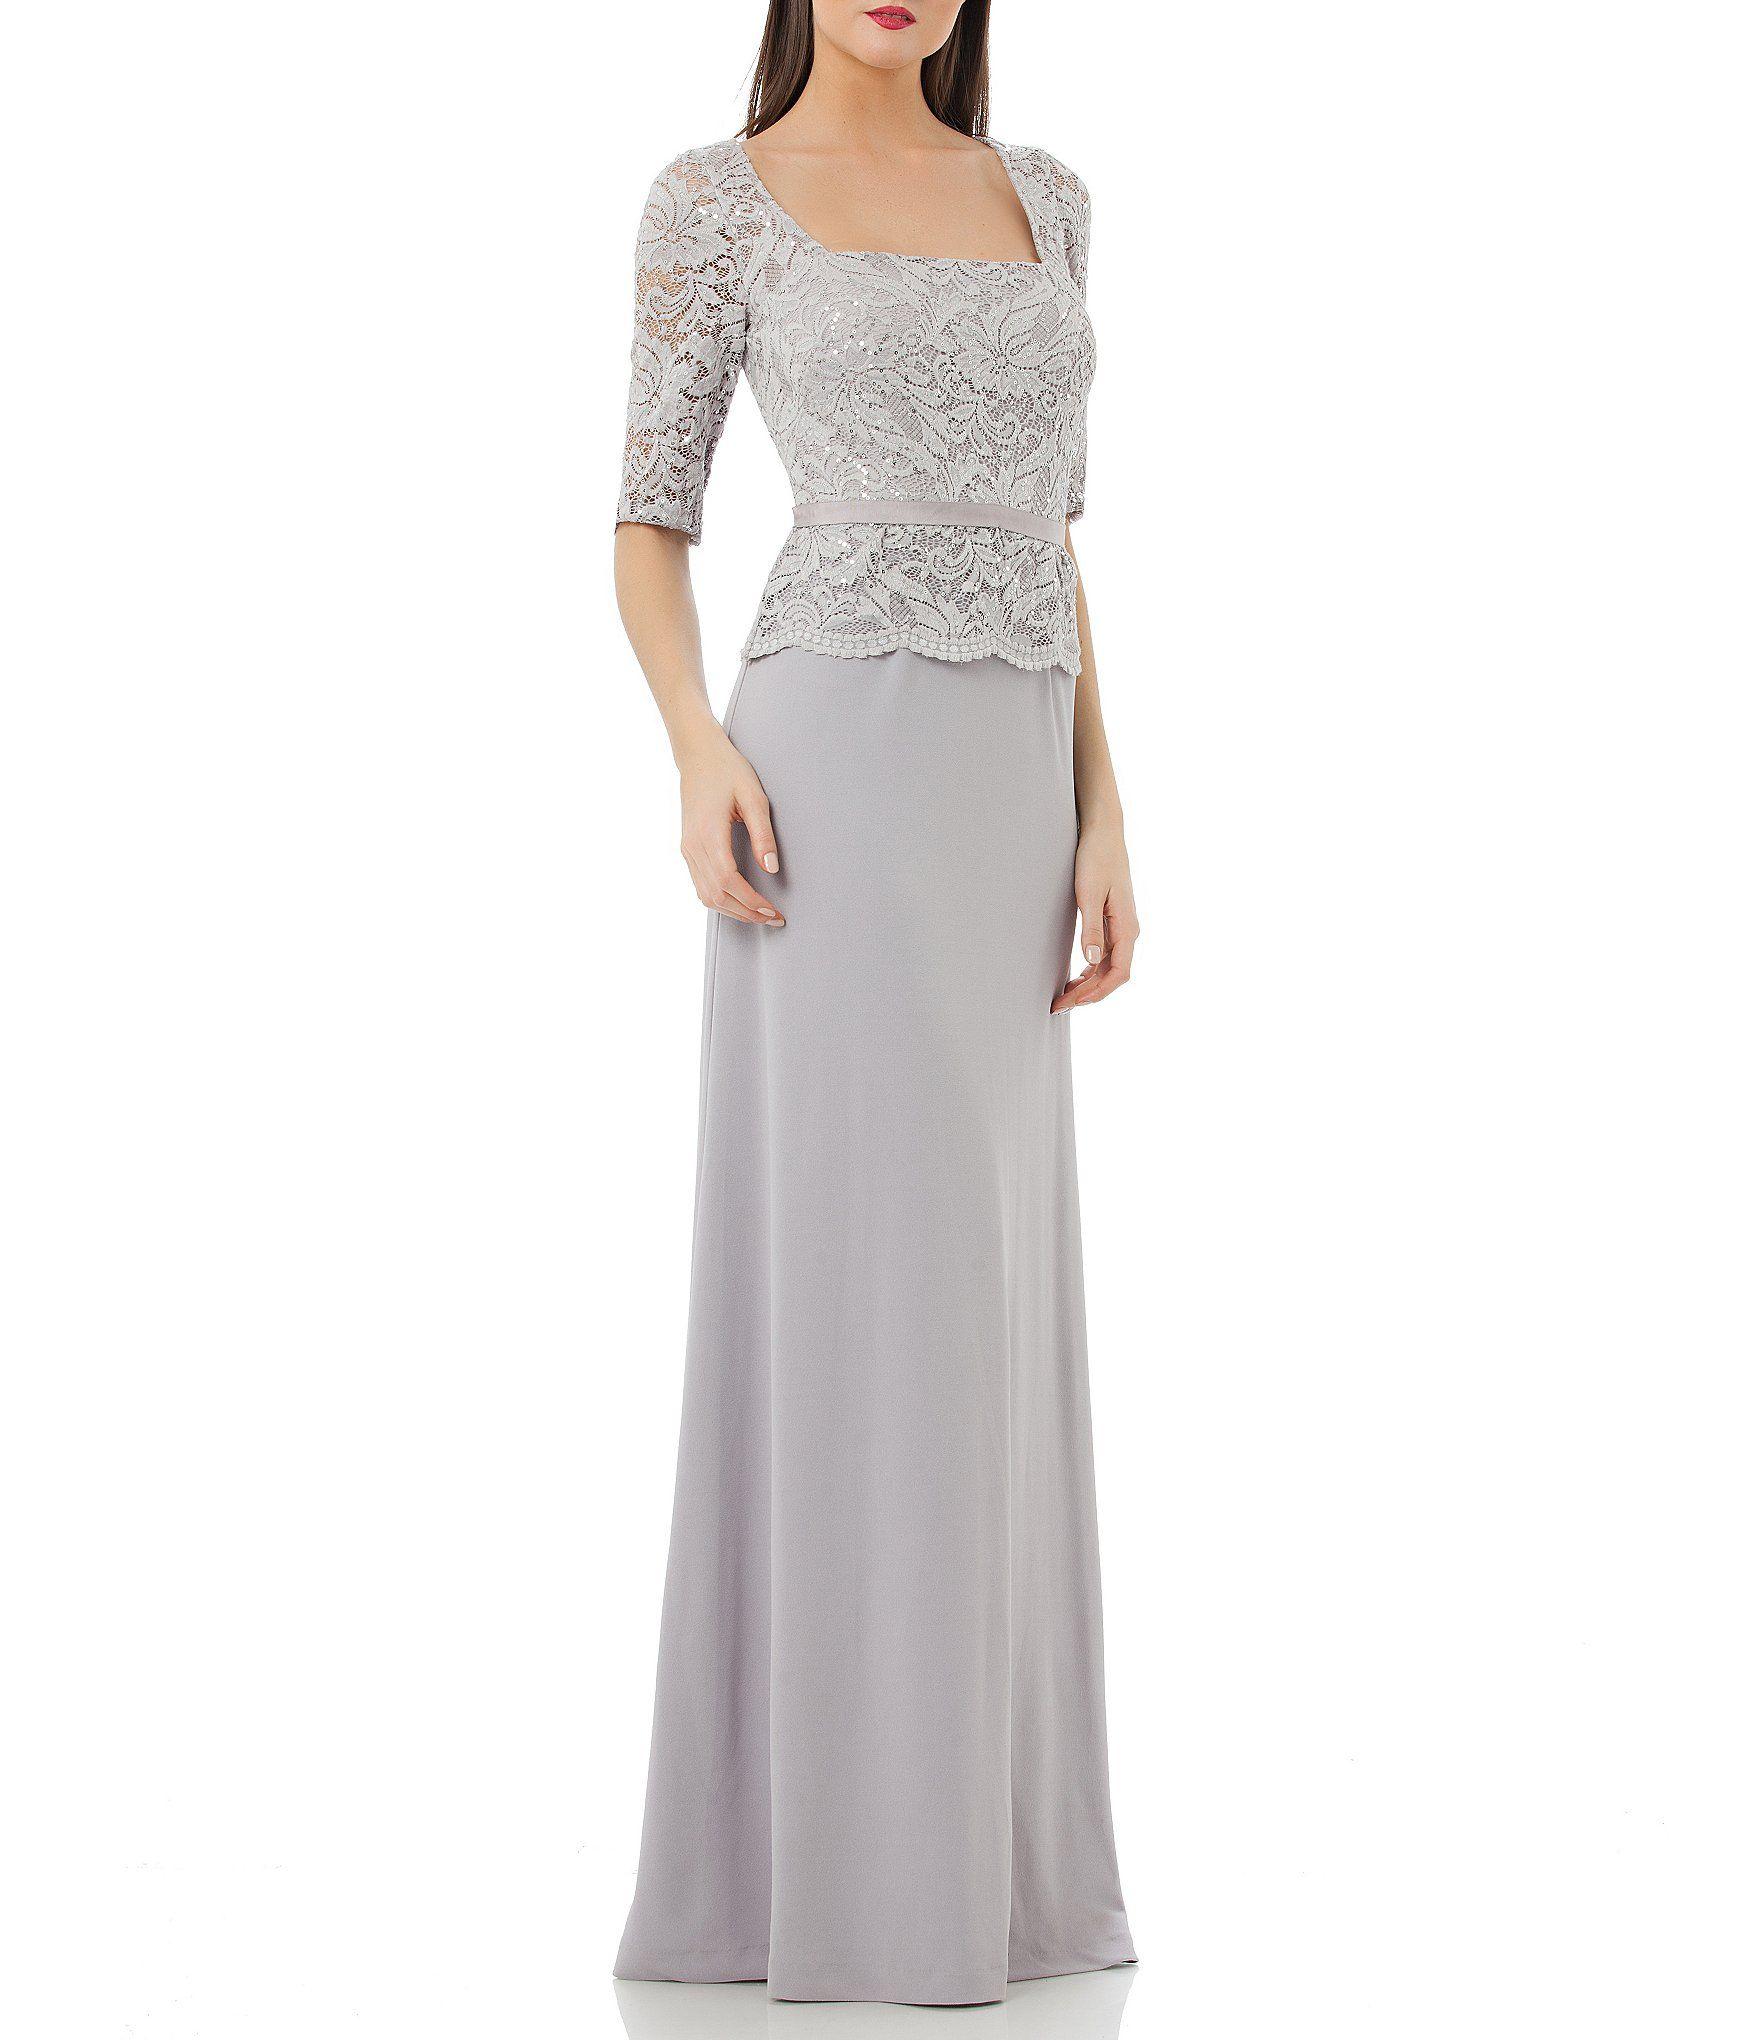 2c9e6e7be06 Dillards Formal Dresses Petite - Gomes Weine AG